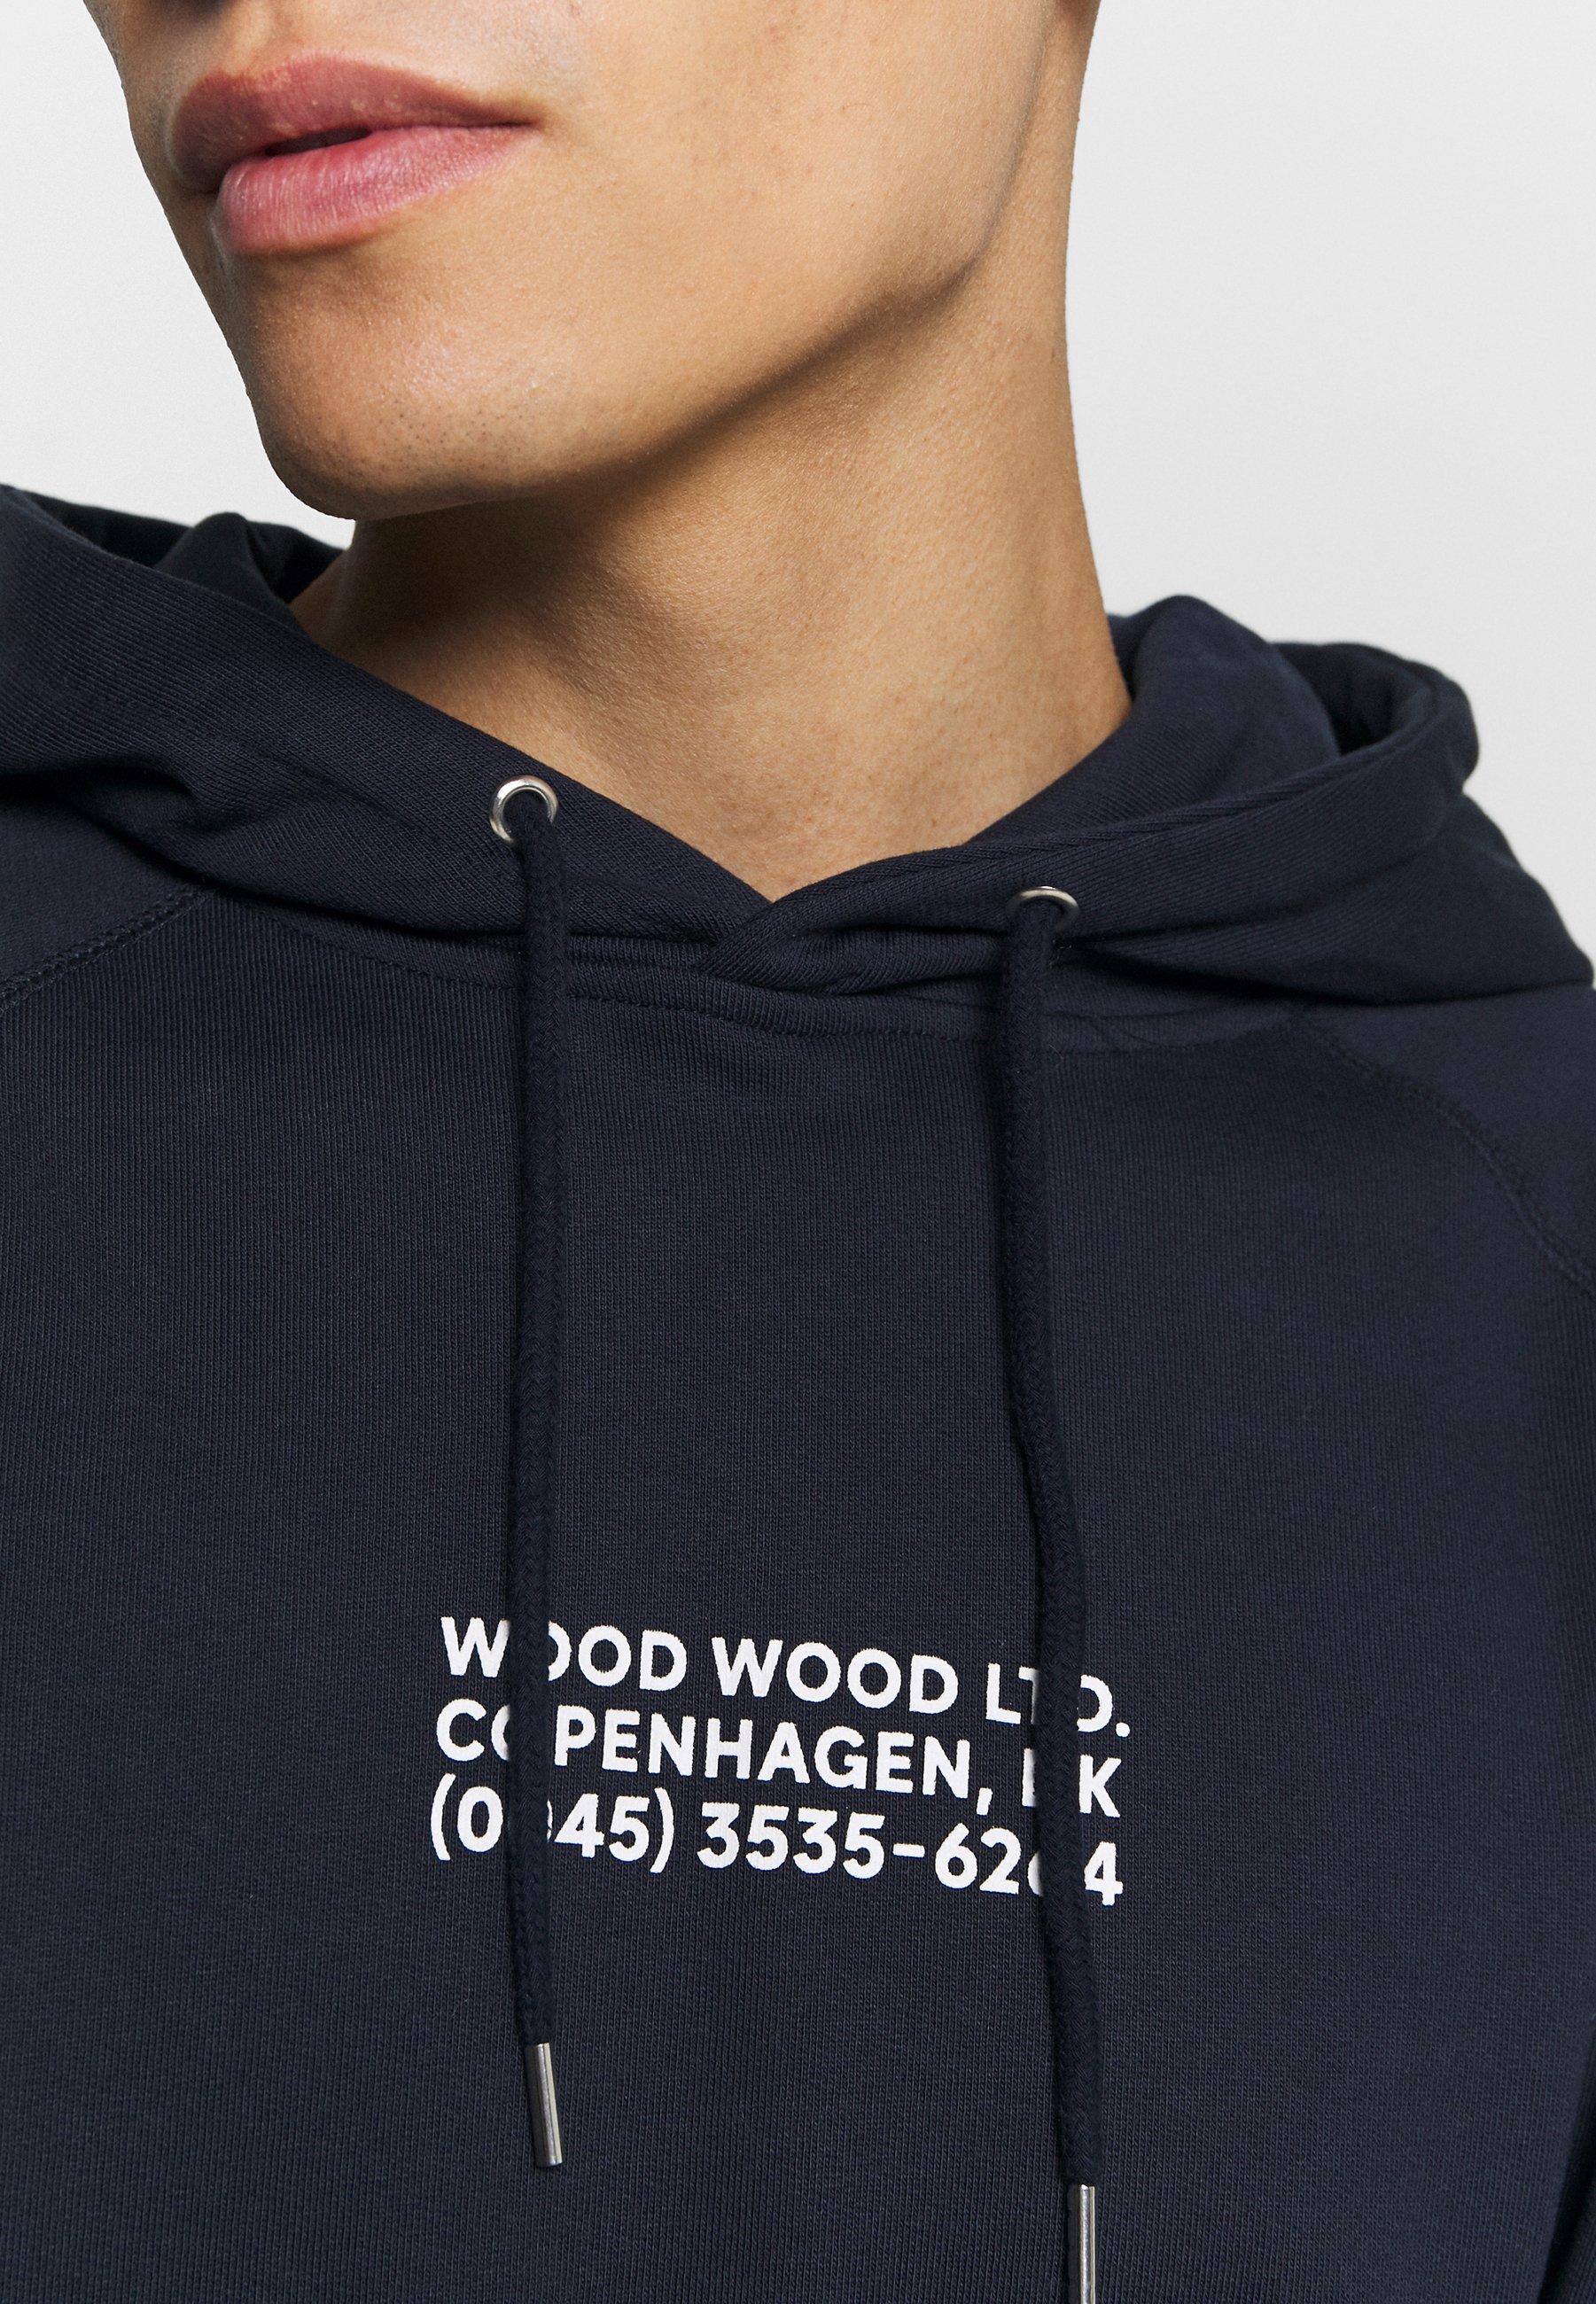 Wood Fred Hoodie - Navy/mørkeblå